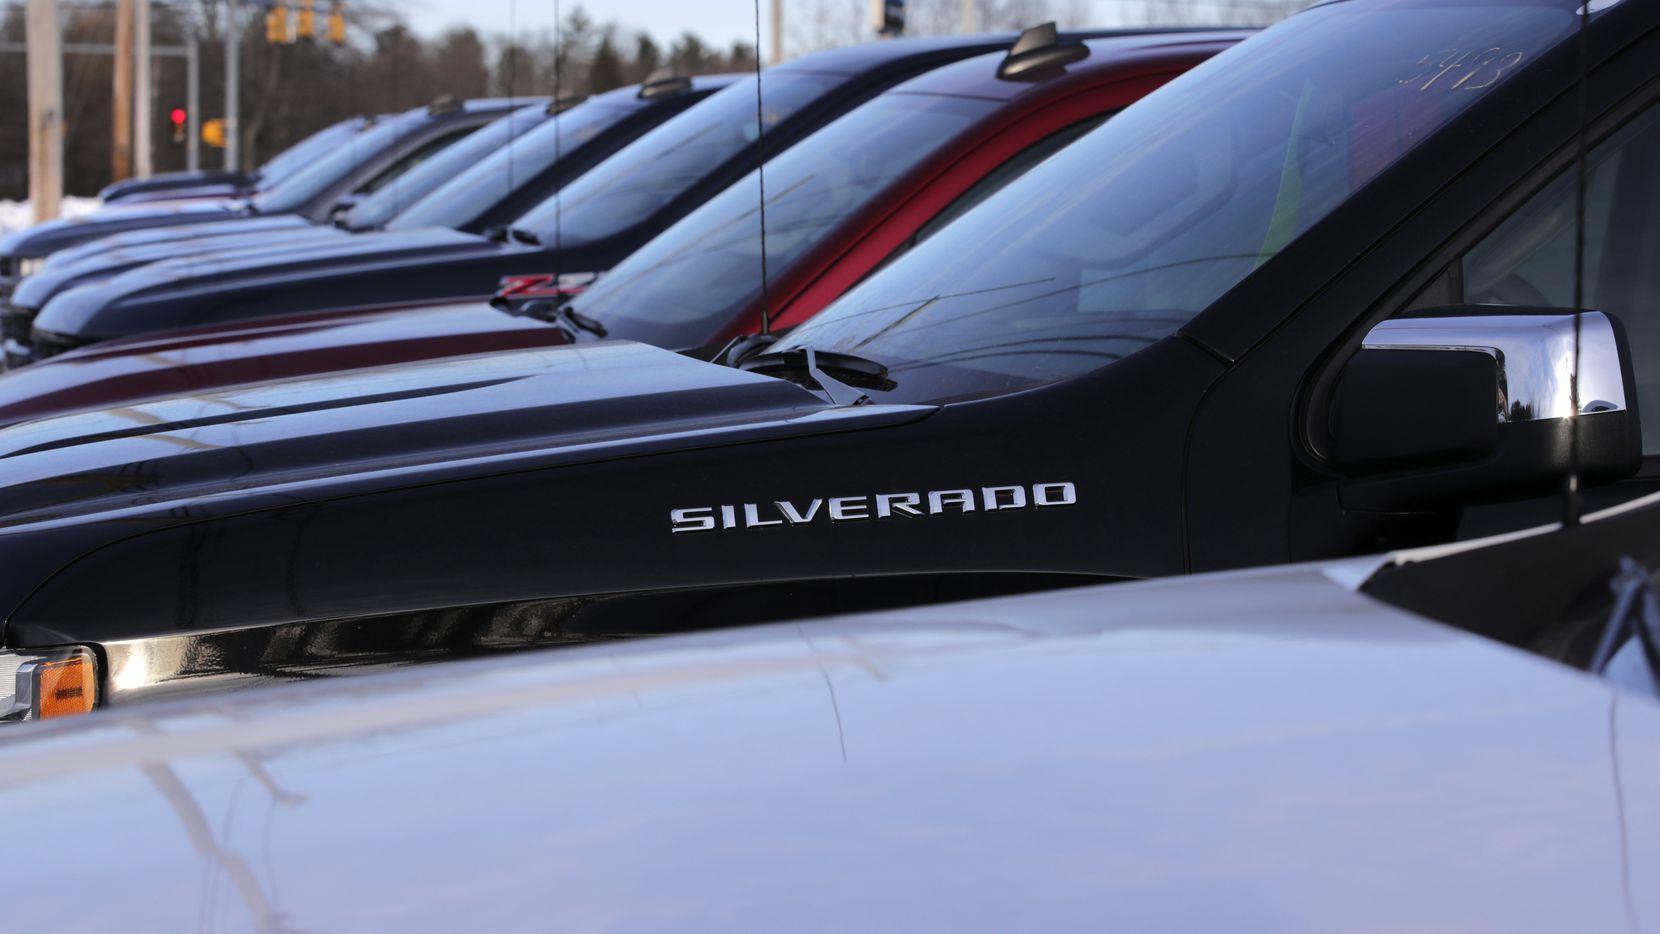 En esta fotografía del 9 de enero de 2020, se muestran unas camionetas pickup Silverado de Chevrolet, en una concesionaria de Derri, Nueva Hampshire. (AP Foto/Charles Krupa)